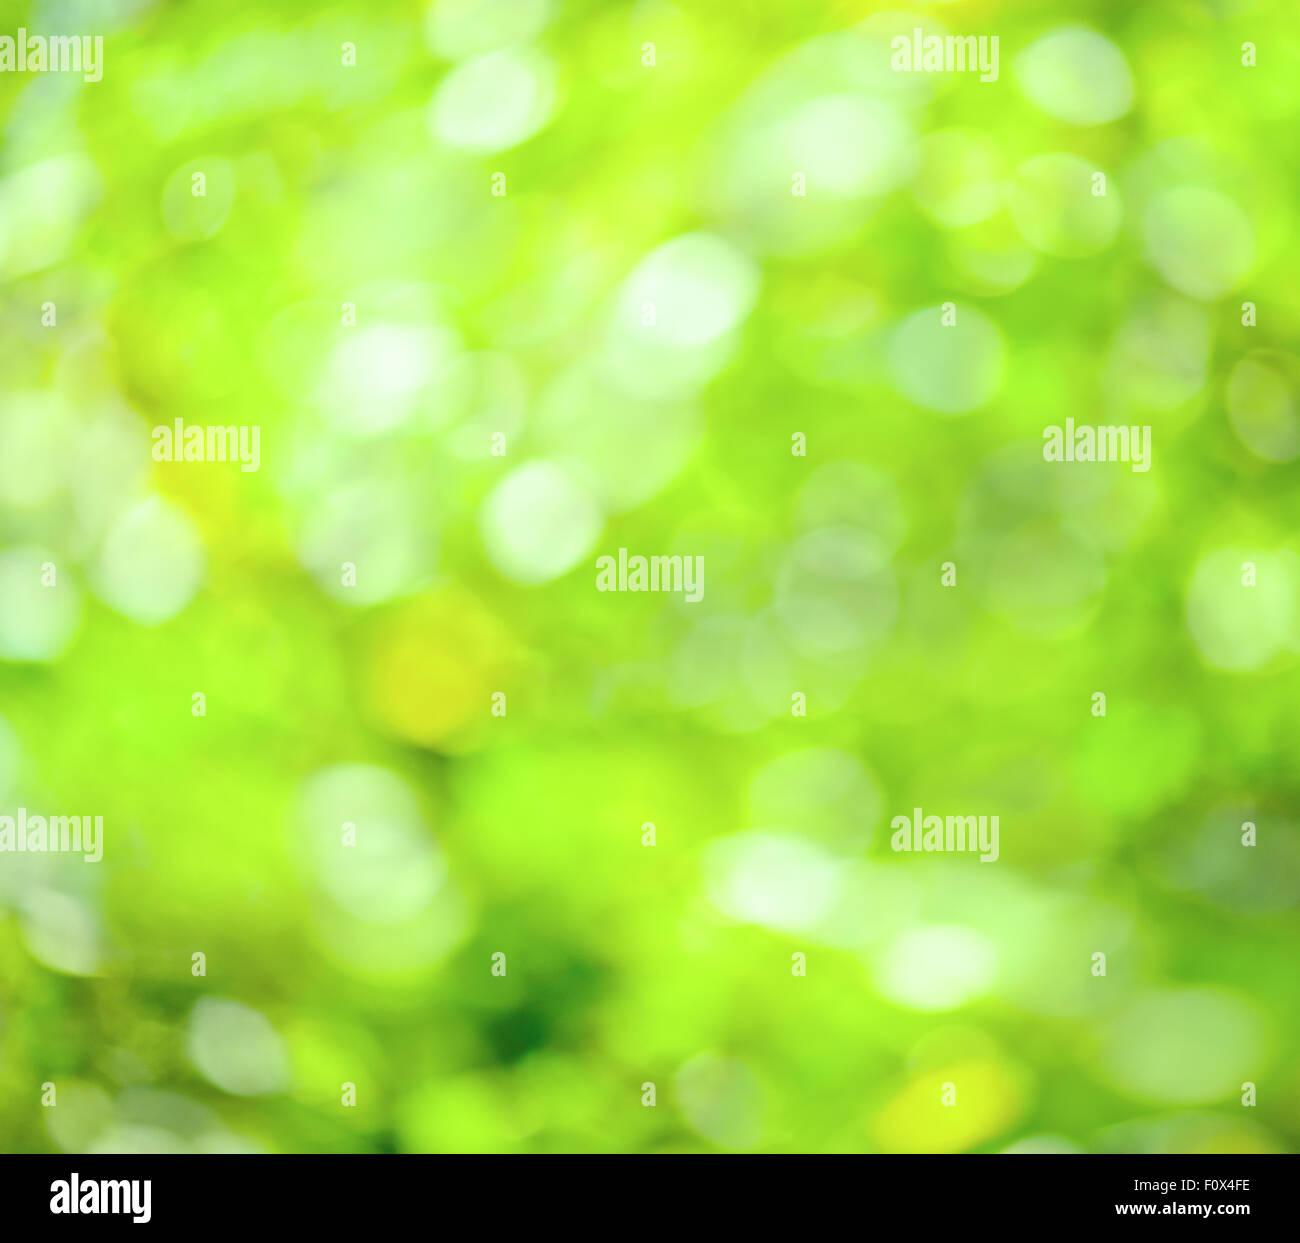 Abstract sfocati verde di sfocatura dello sfondo a molla Immagini Stock